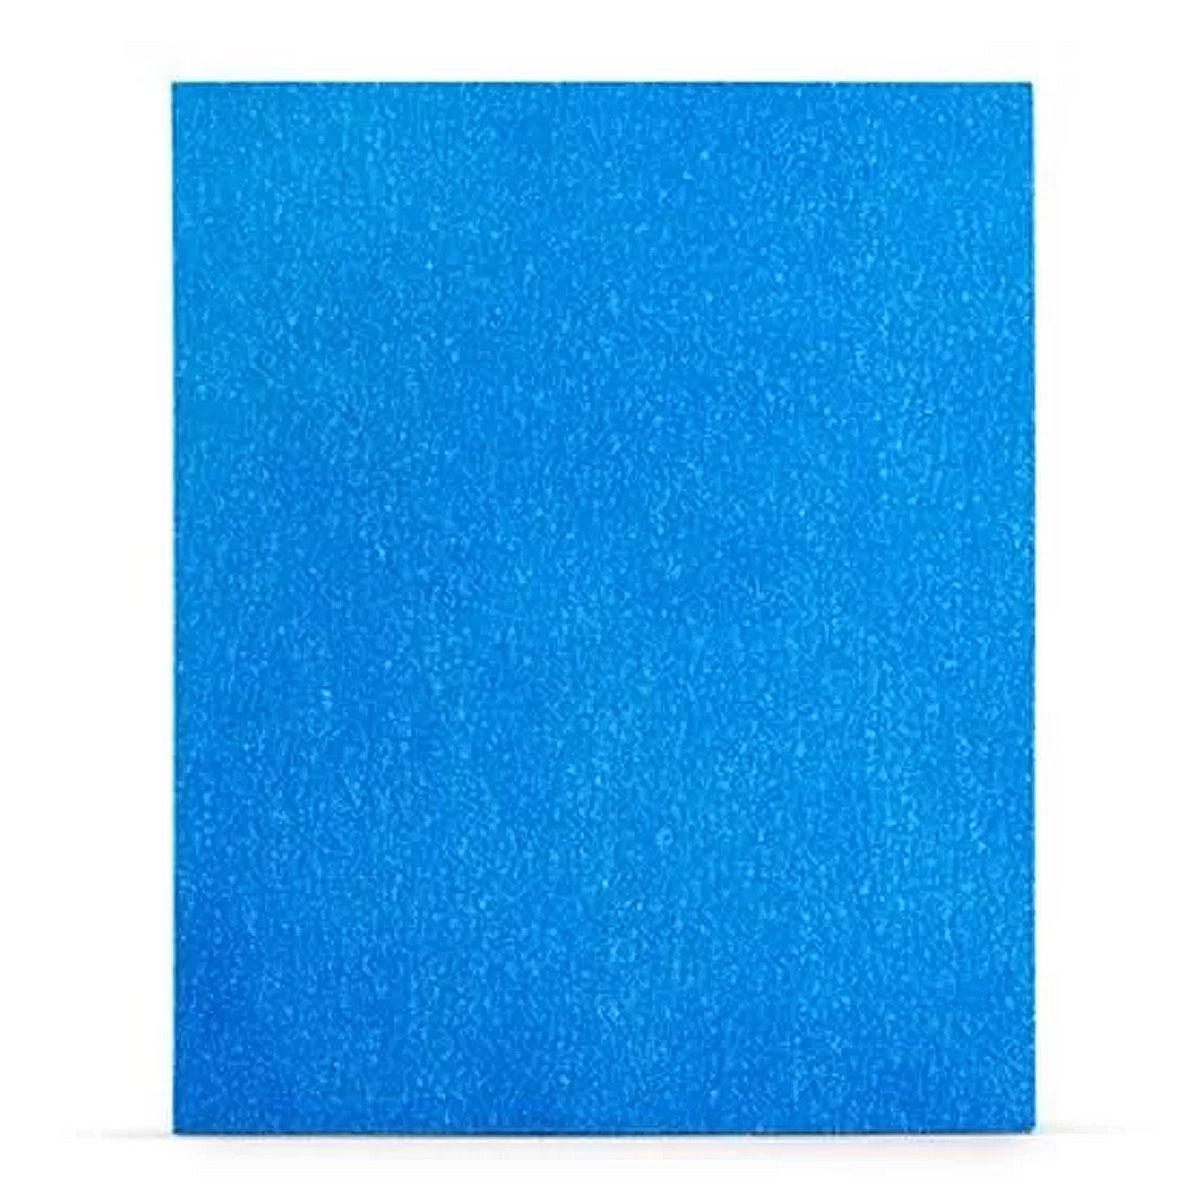 Lixa a Seco 338U Blue 800 225X275mm Unidade 3M